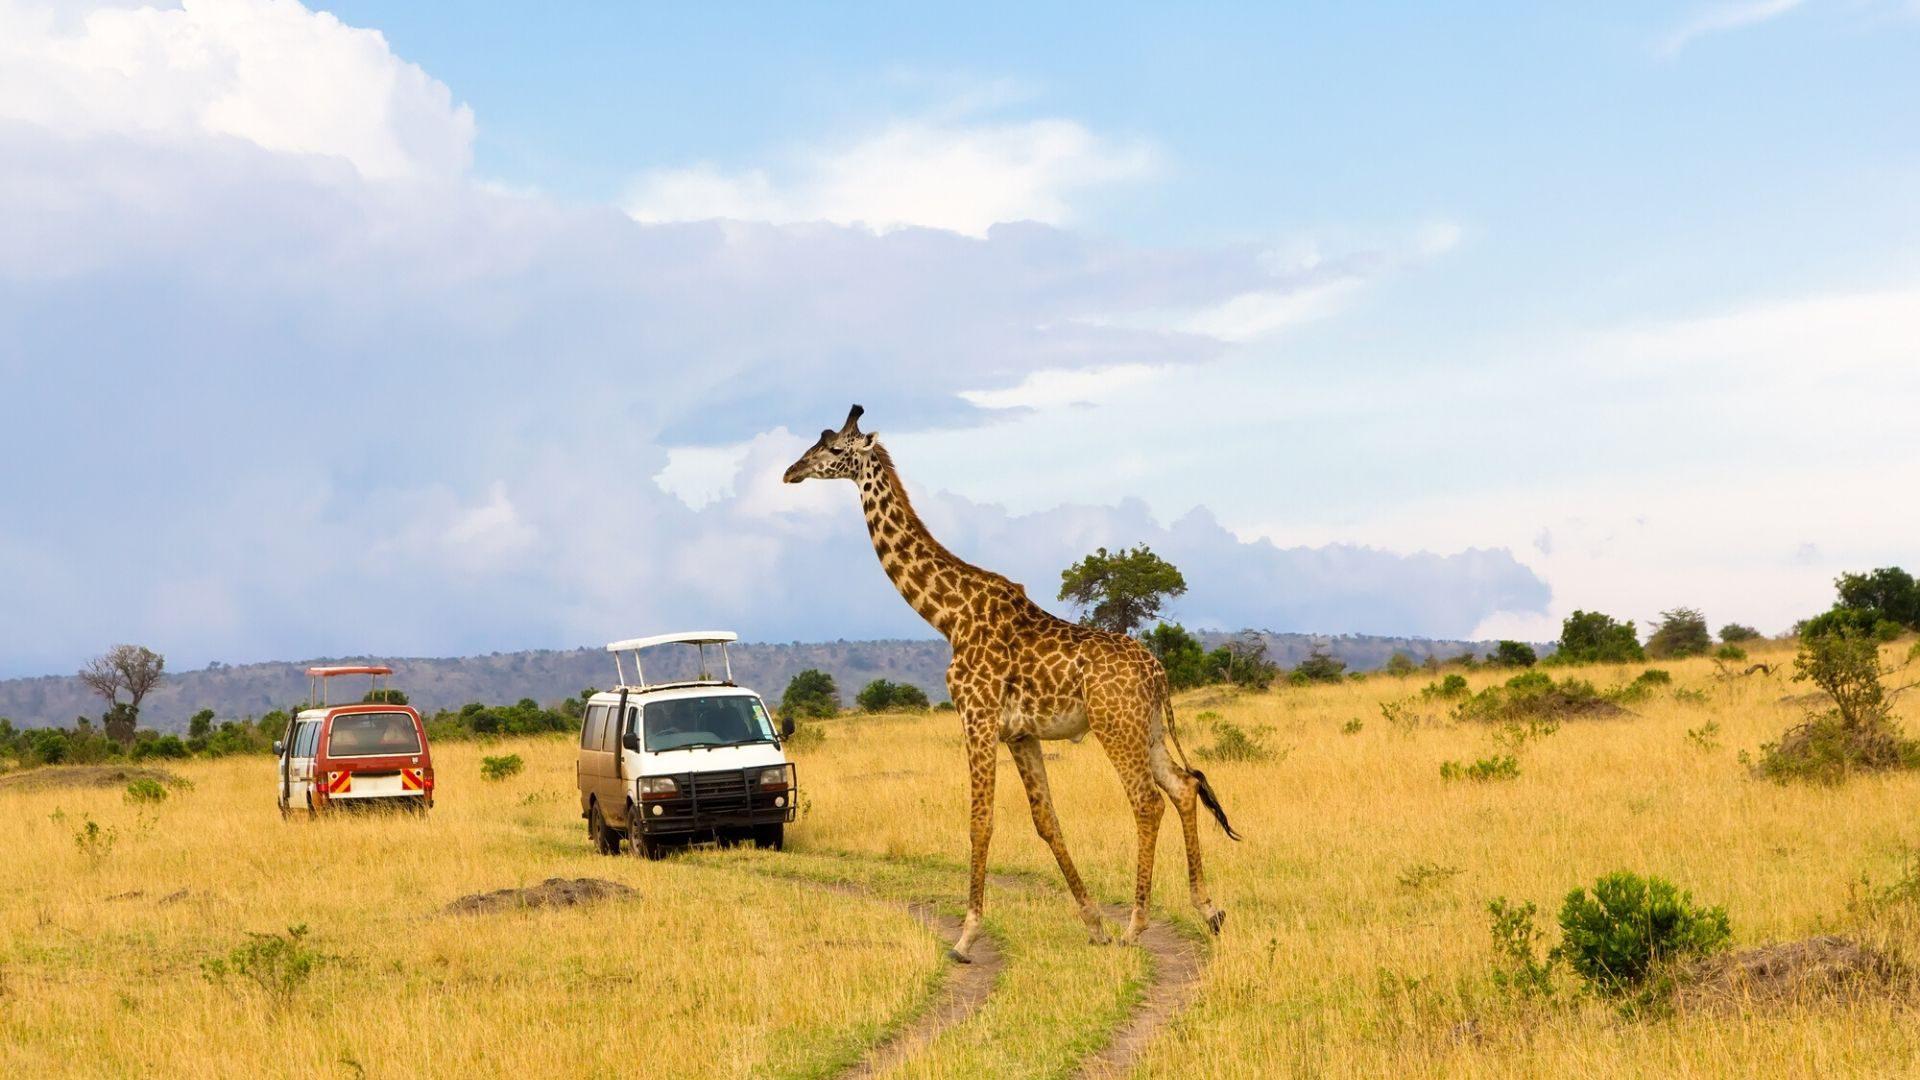 Leiskitės į safarį ir pamatykite laukinę Afriką